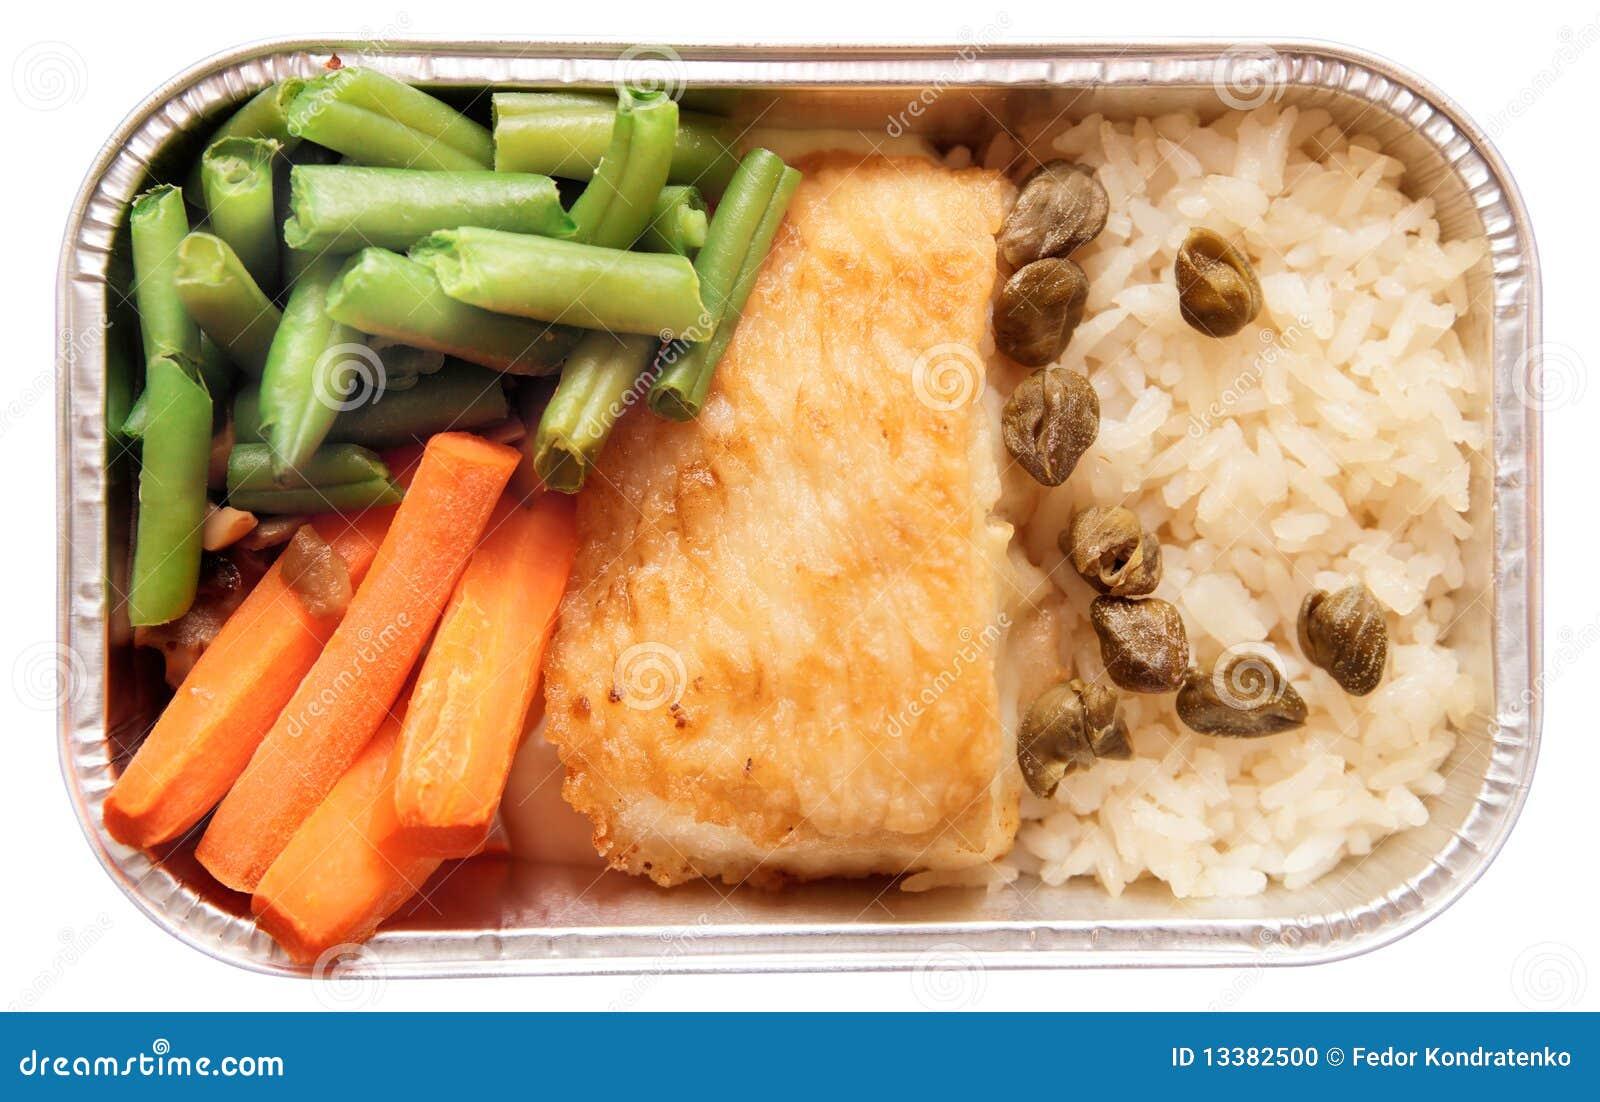 рис еды рыб авиакомпании